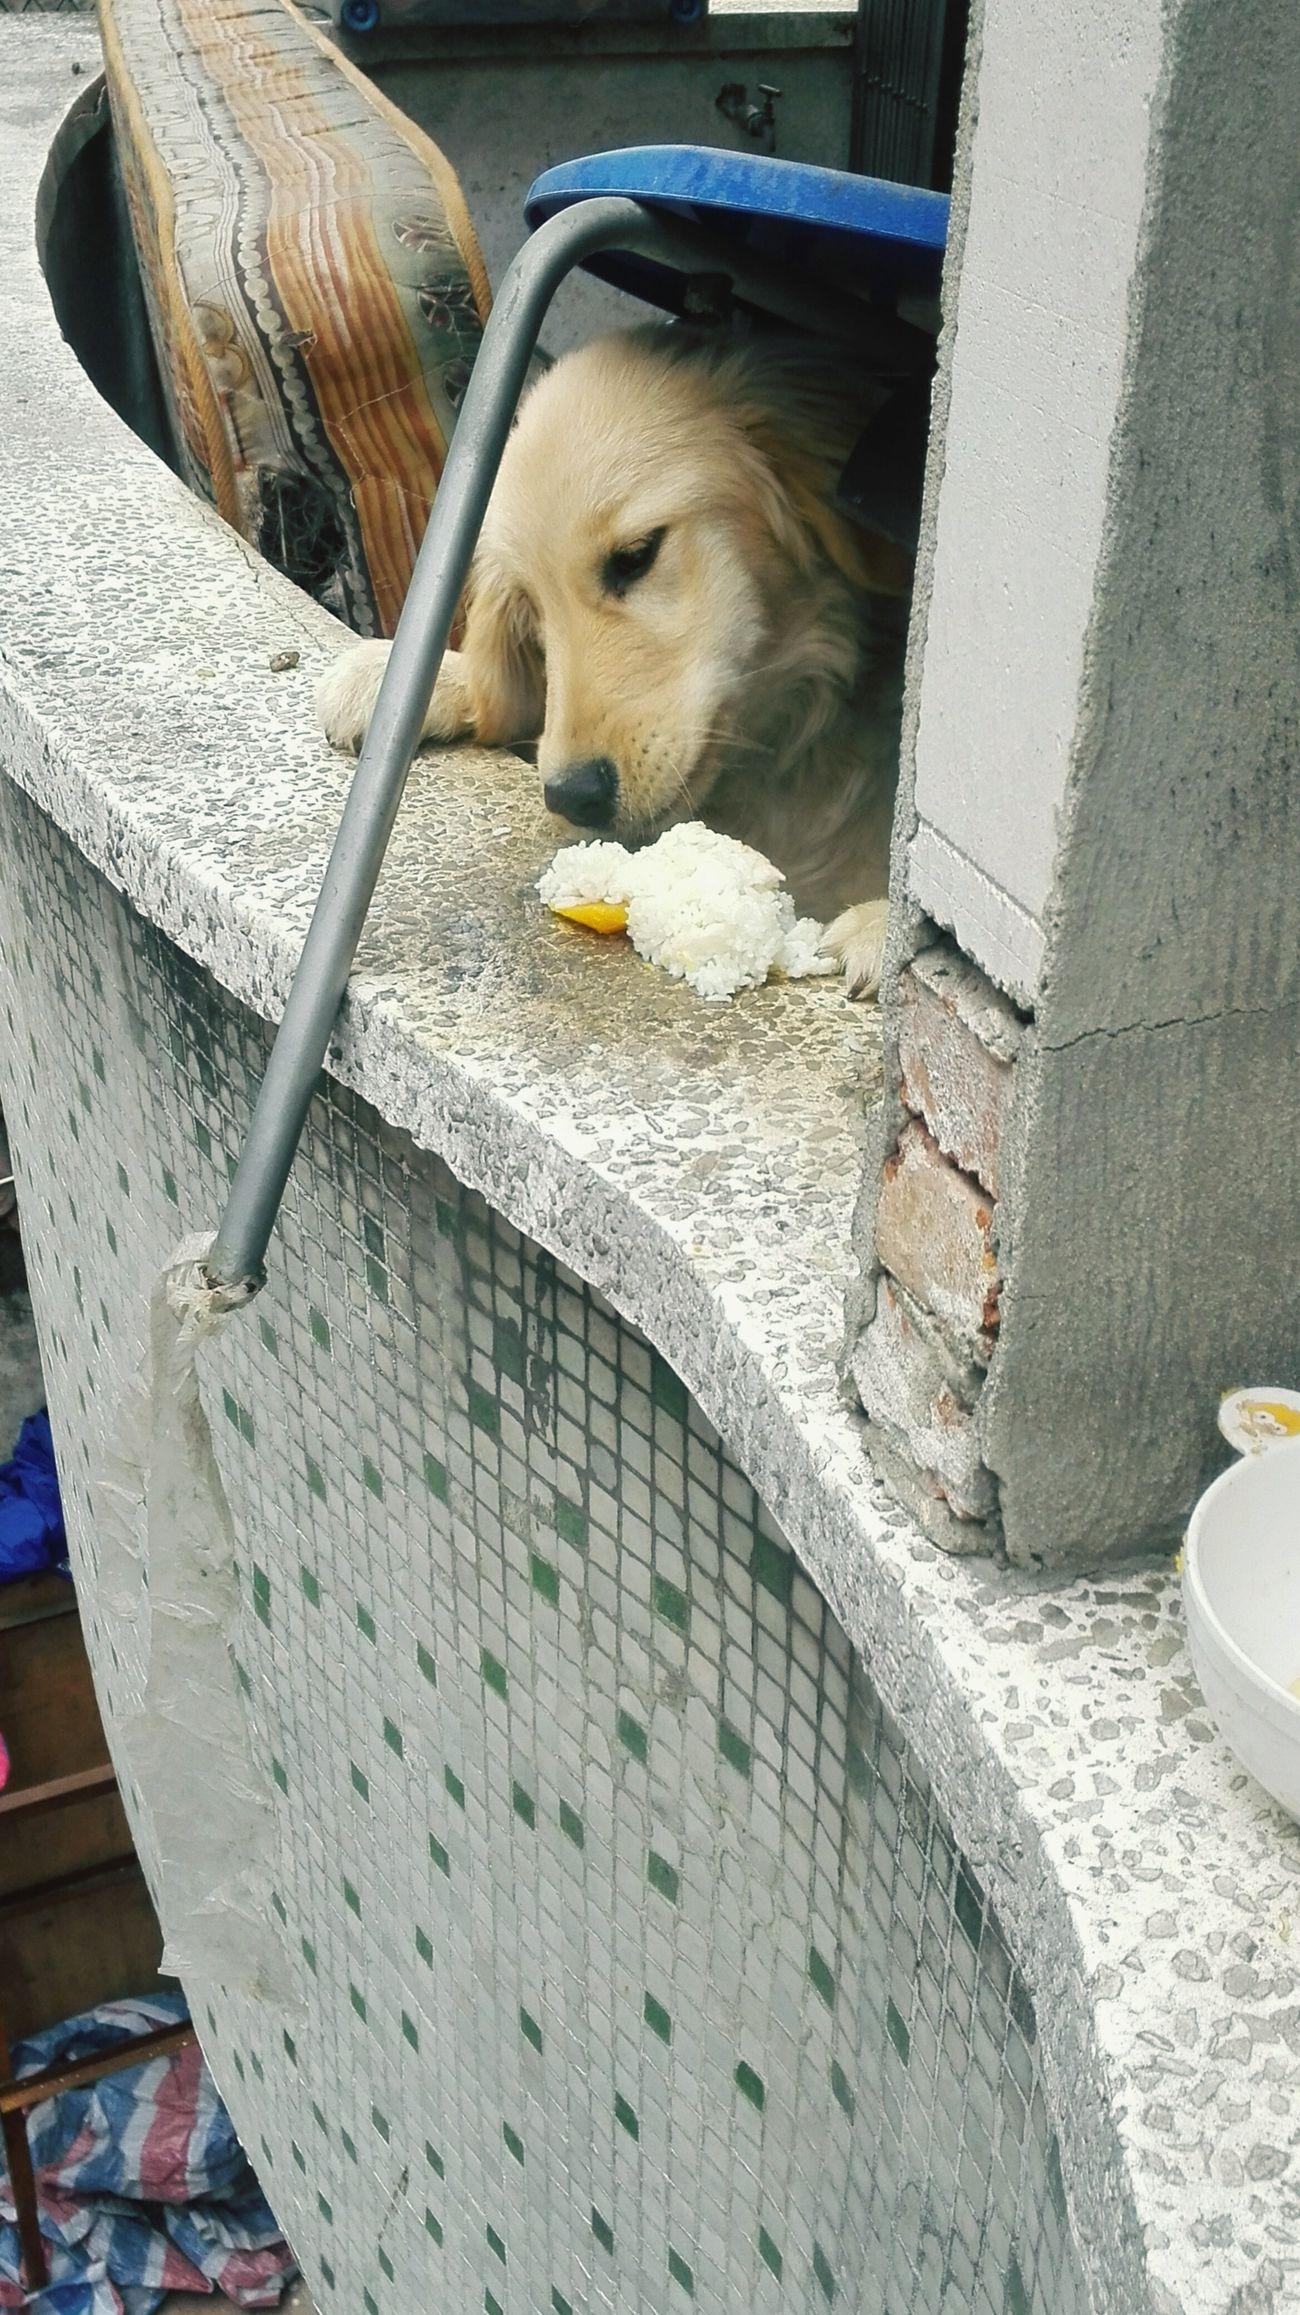 如果你没有足够的耐心爱心和责任感,就不要轻易的介入它的生命 Animal Pet Care